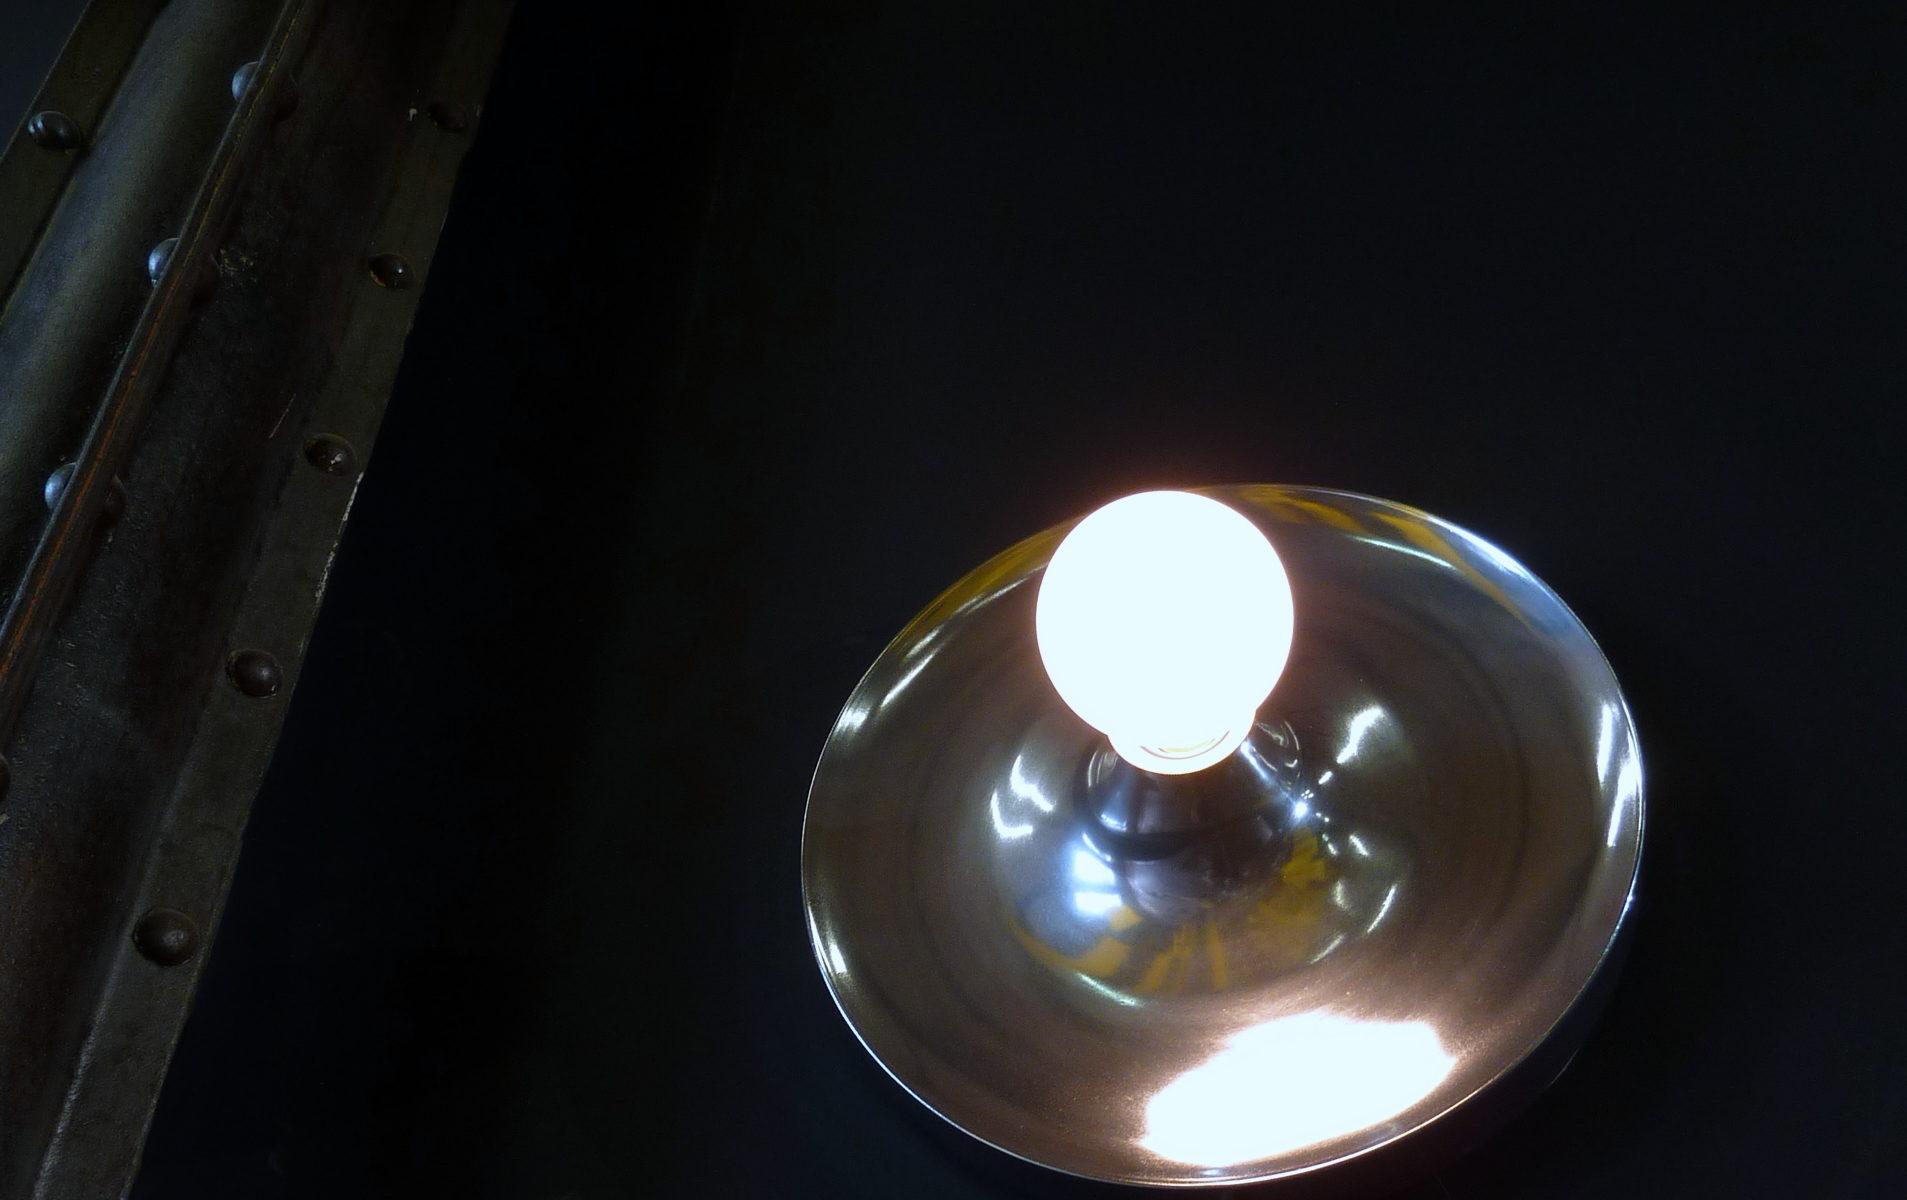 Licht Lampe Beleuchtung Light